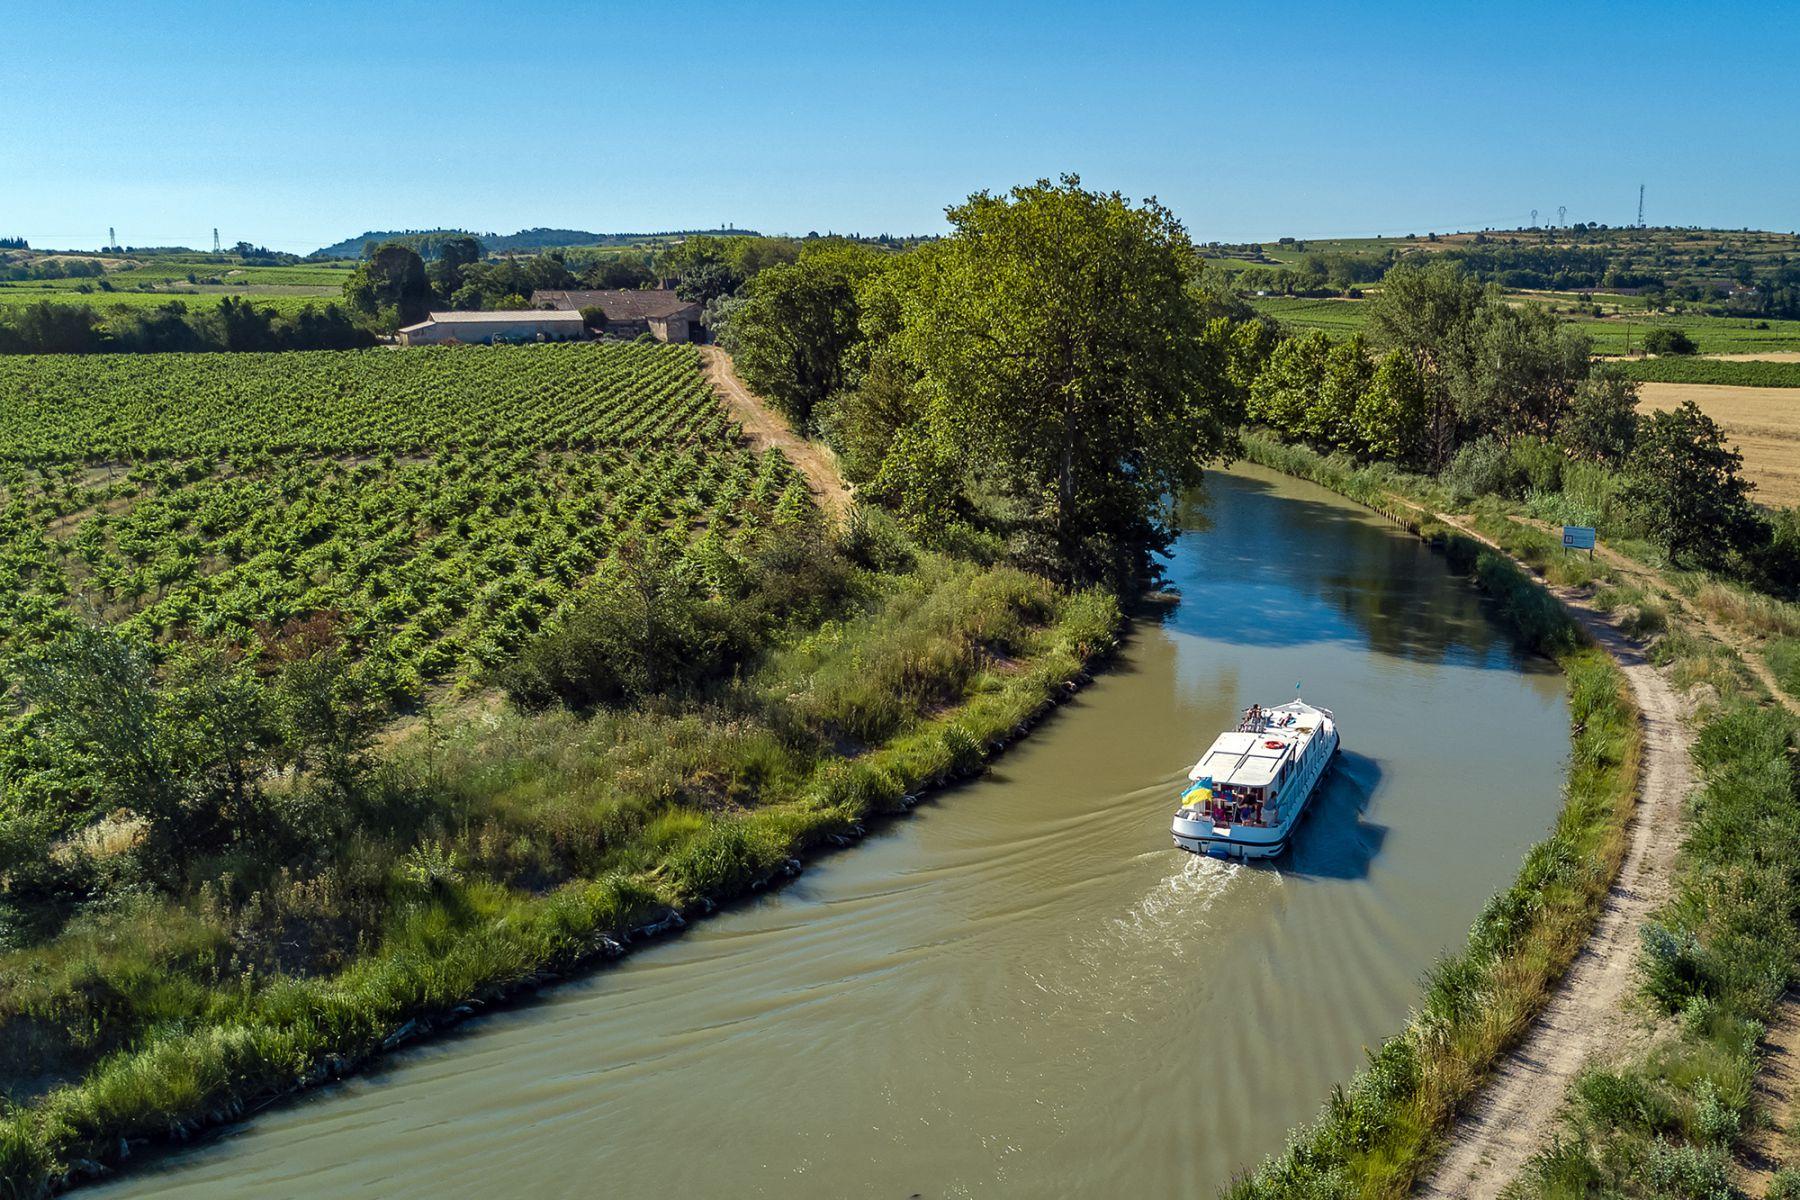 Canal du Midi stroomt door tot de Middellandse Zee | Beeld: JaySi